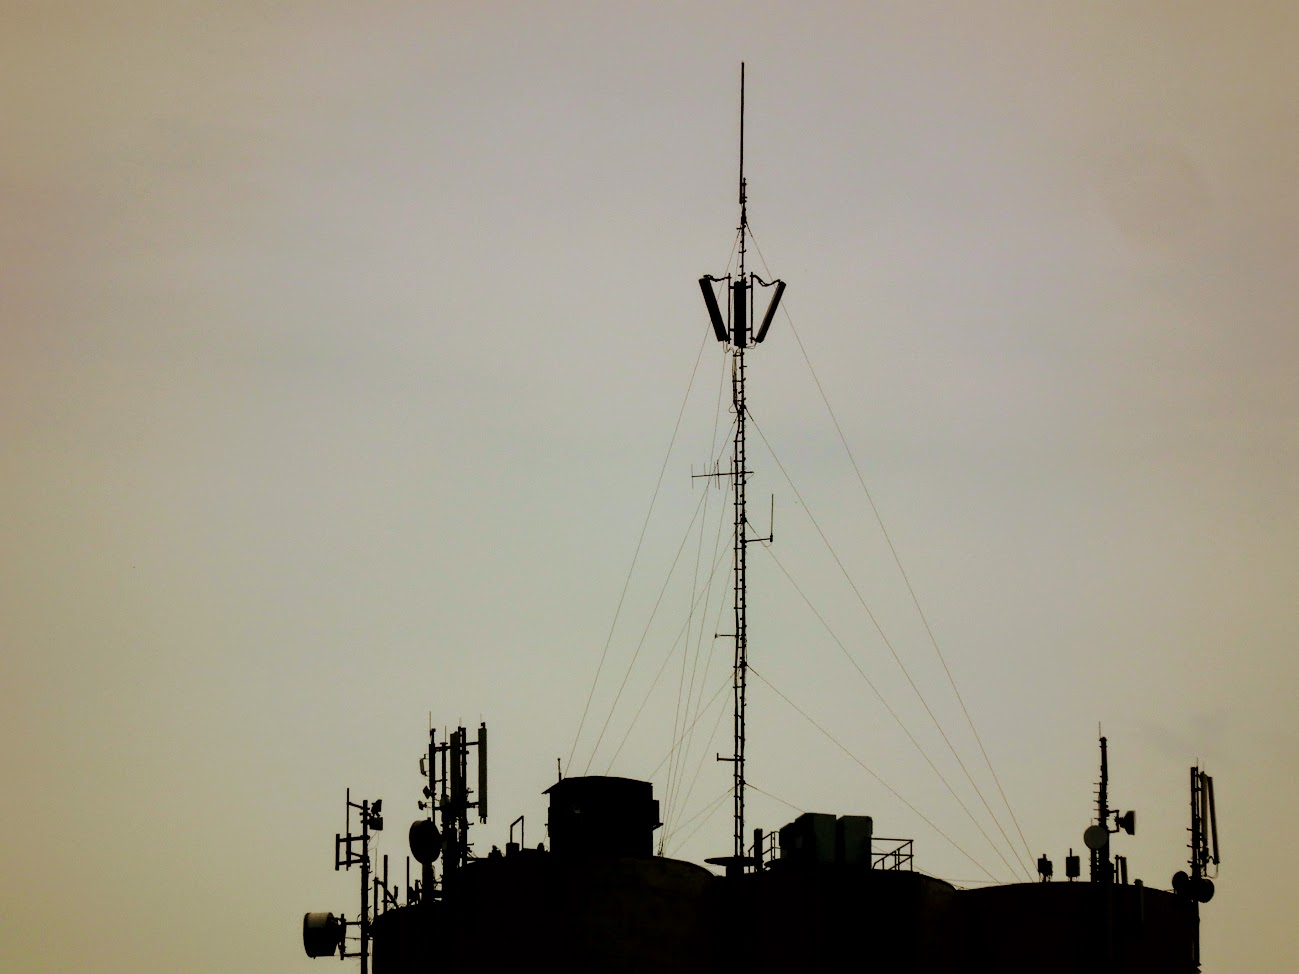 Mosonmagyaróvár/gabonatároló - helyi URH-FM adóállomás